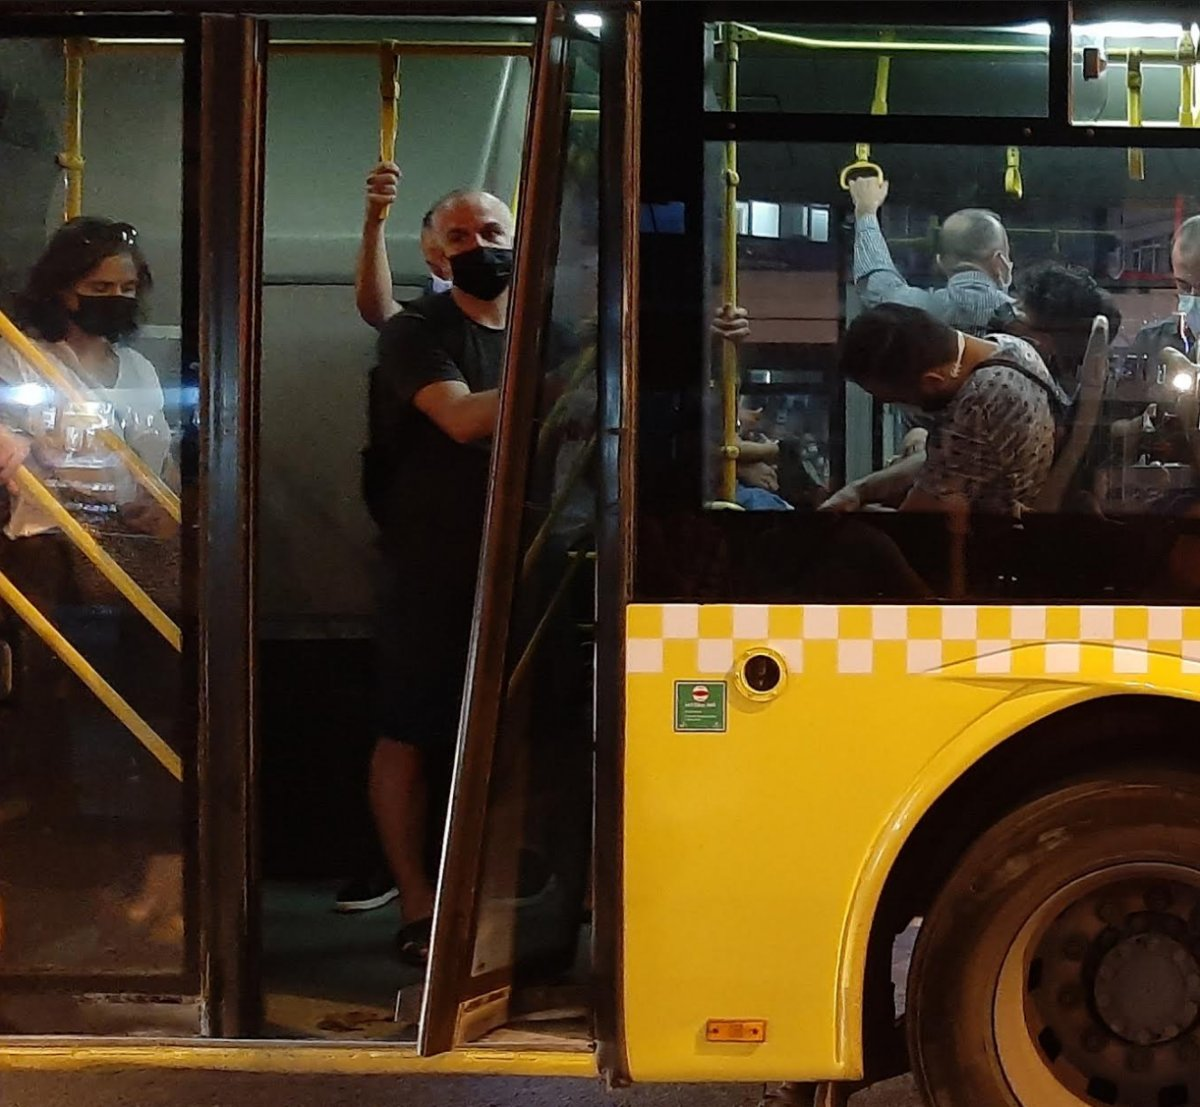 İstanbul da İETT araçlarındaki arızalar mağduriyet oluşturmaya devam ediyor #11